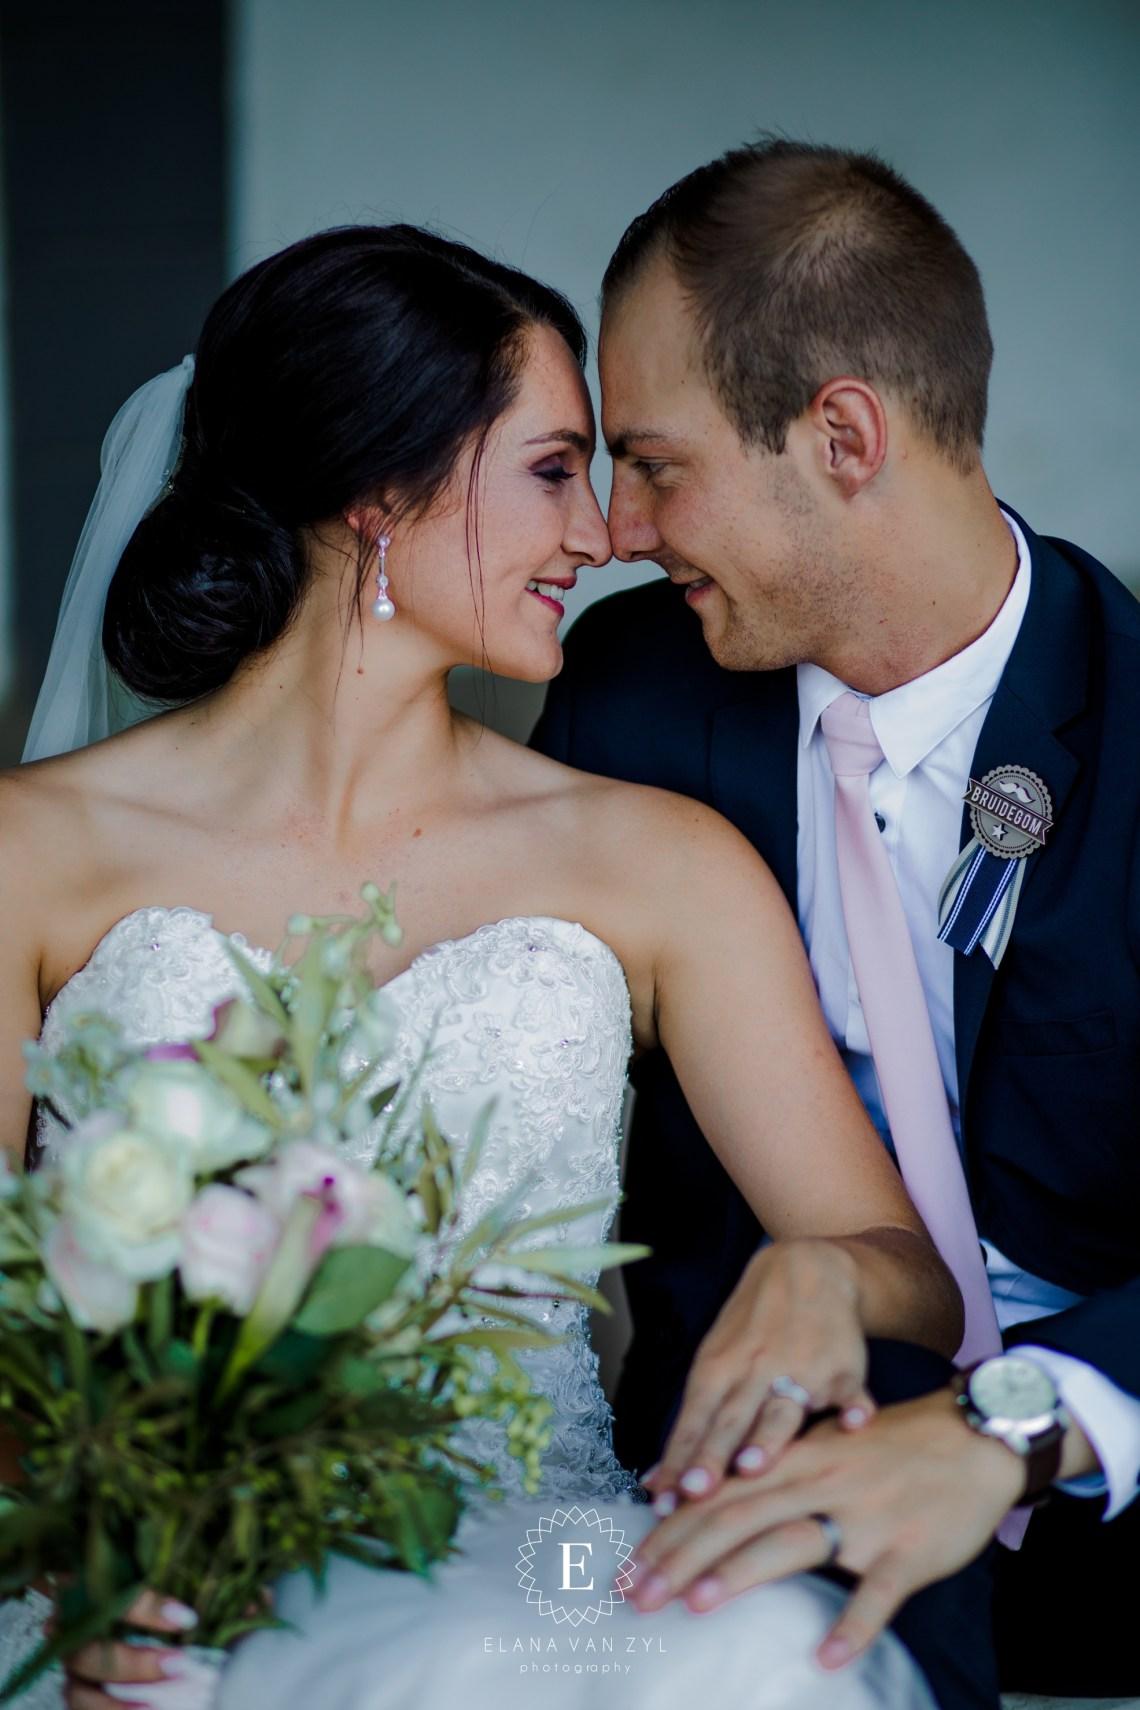 Groenrivier Wedding Venue-9030